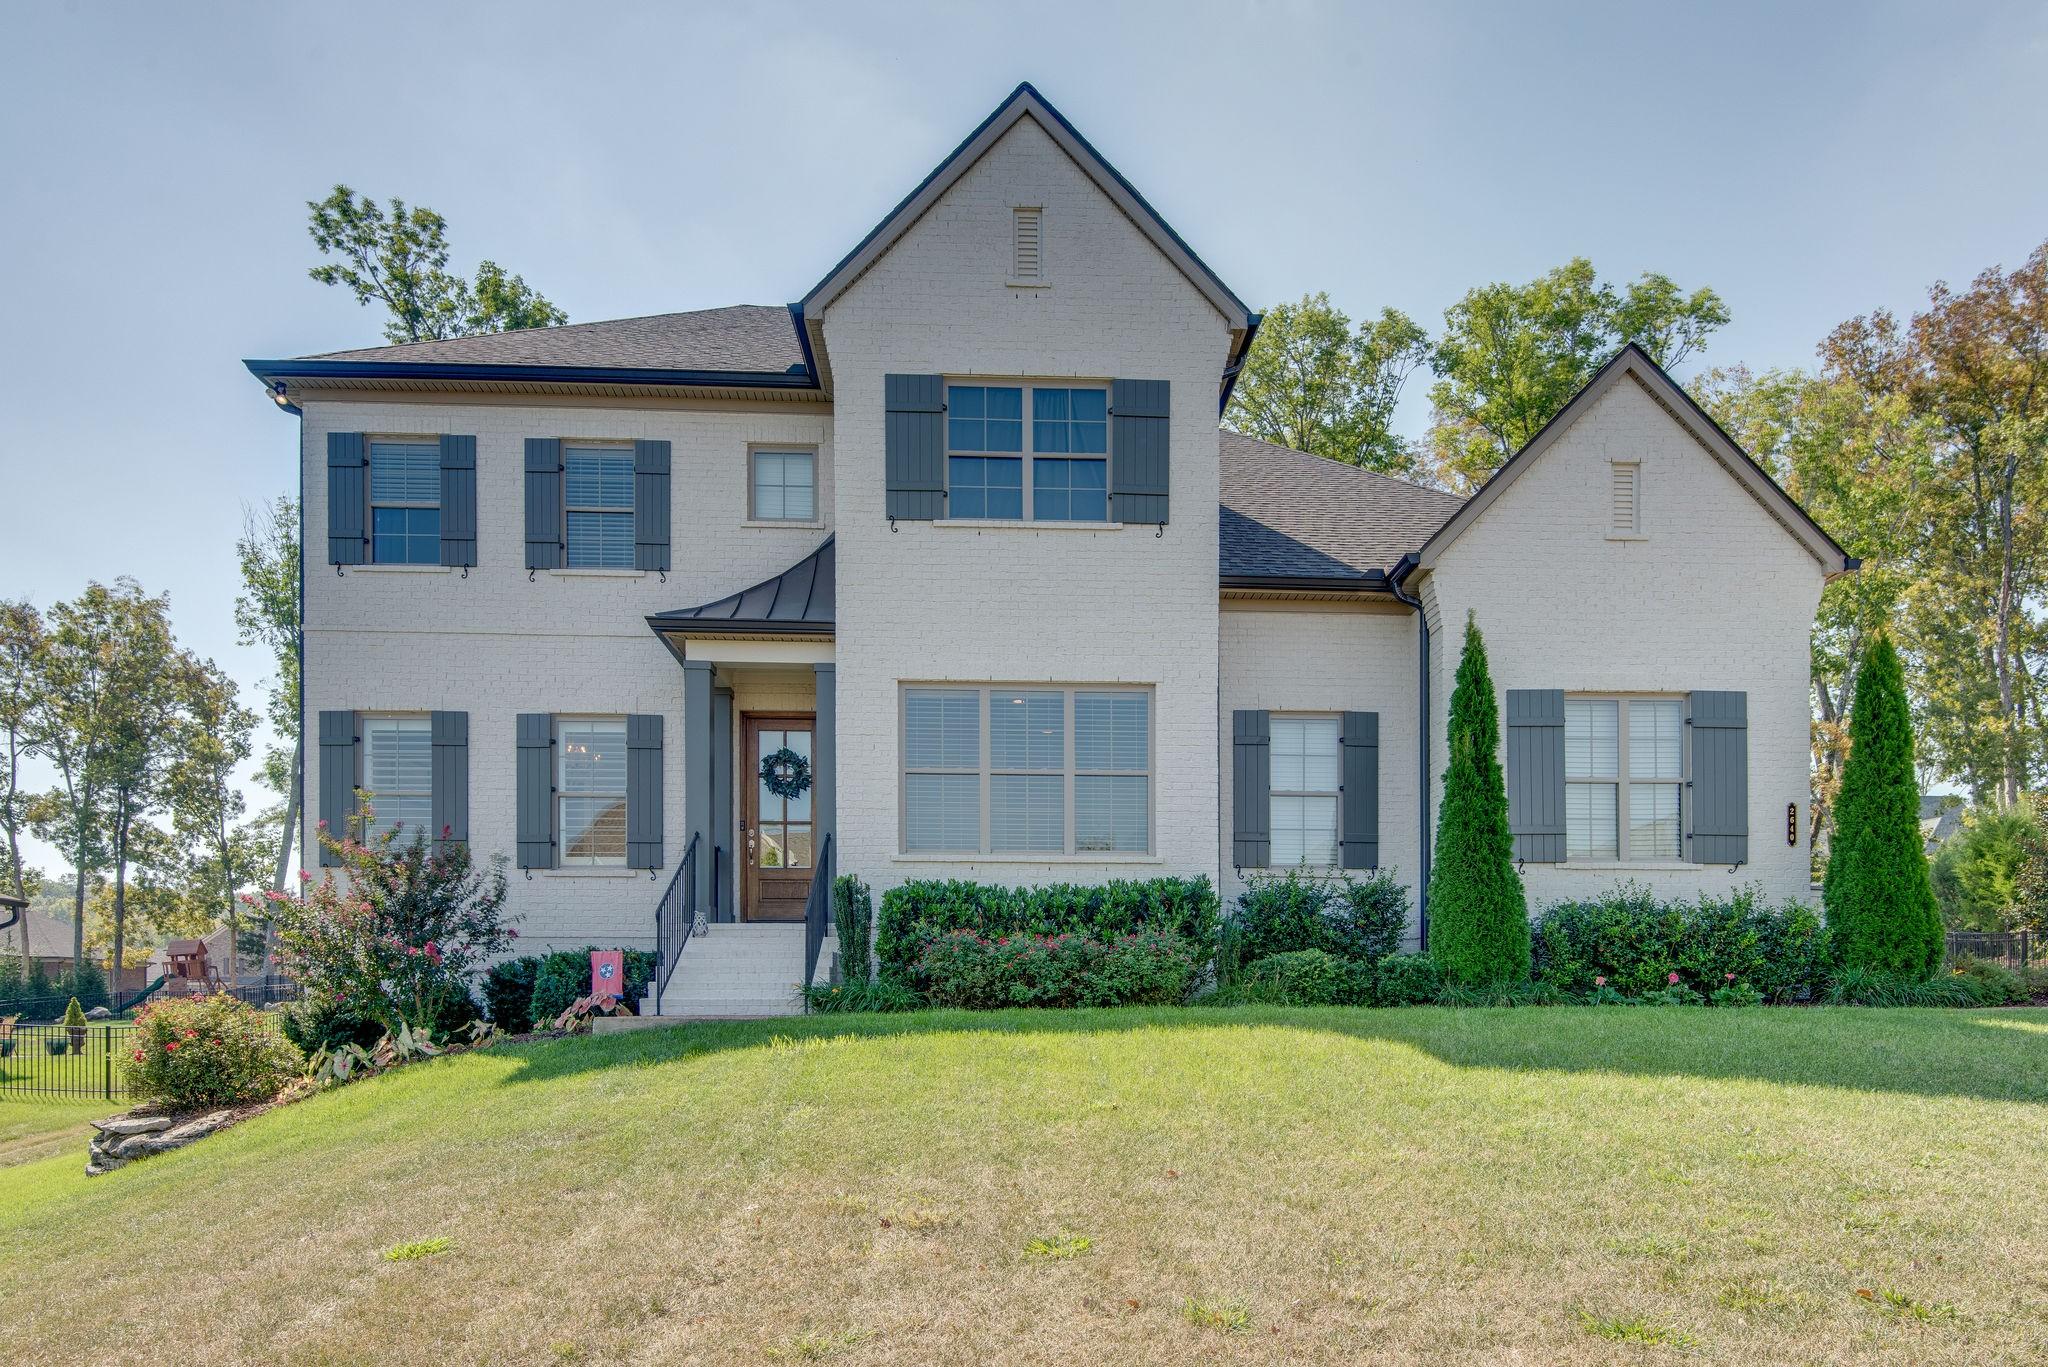 2640 Benington Pl, Nolensville, TN 37135 - Nolensville, TN real estate listing